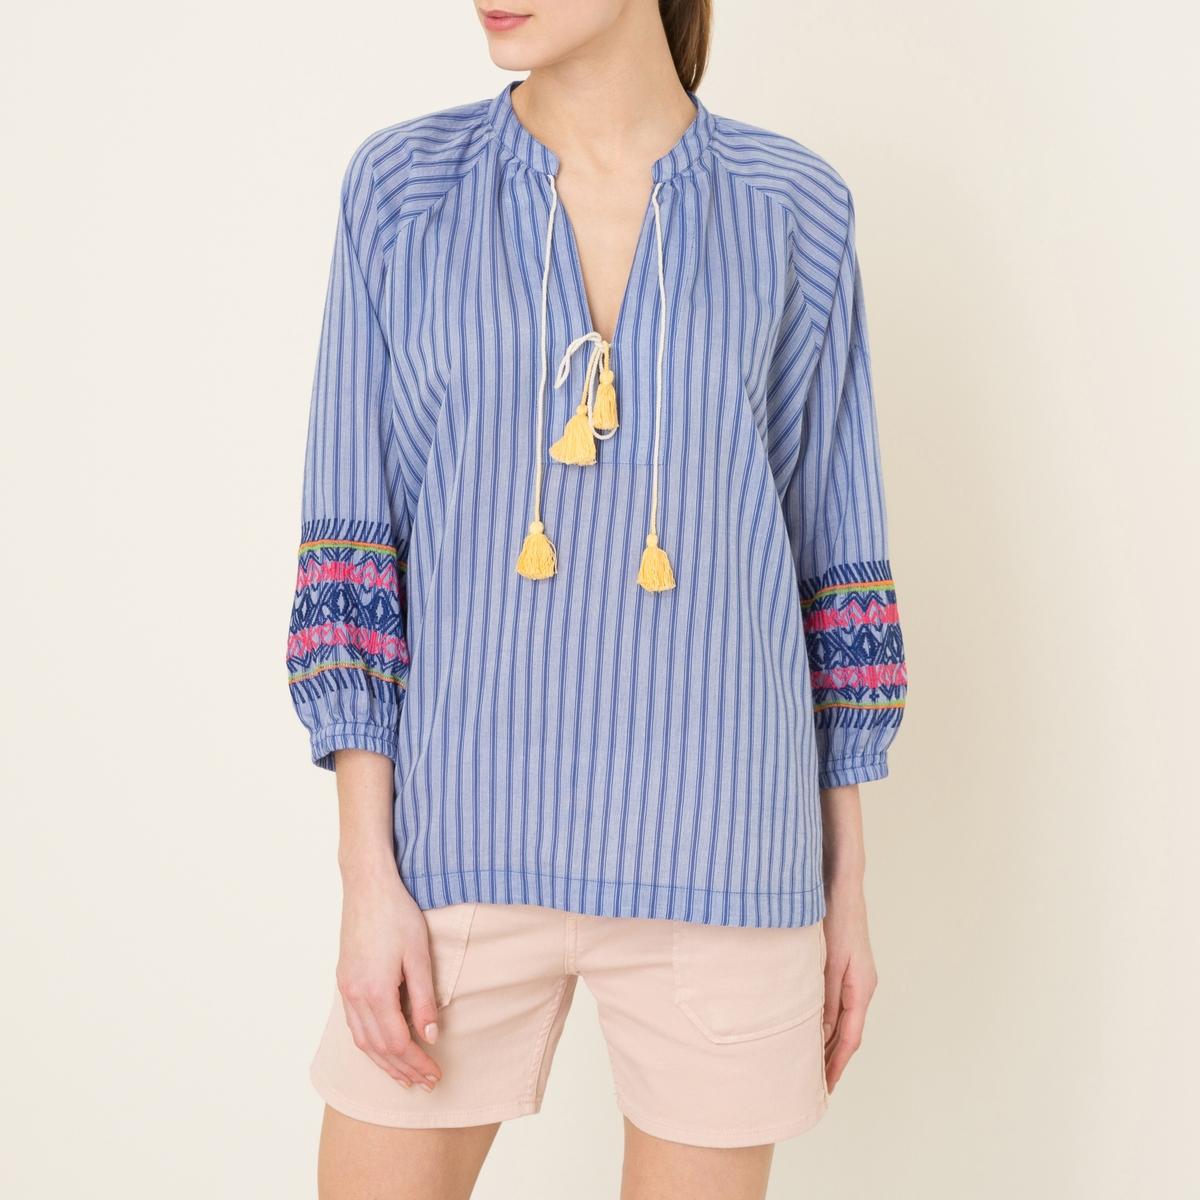 Рубашка CHANDELLEРубашка LEON AND HARPER - модель CHANDELLE 100% хлопок . Тунисский вырез с завязками и помпонами . Рукава ? эластичные снизу  . Оригинальная вышивка  на рукавах . Прямой низ. Состав и описание   Материал : 100% хлопок   Марка : LEON AND HARPER<br><br>Цвет: синий